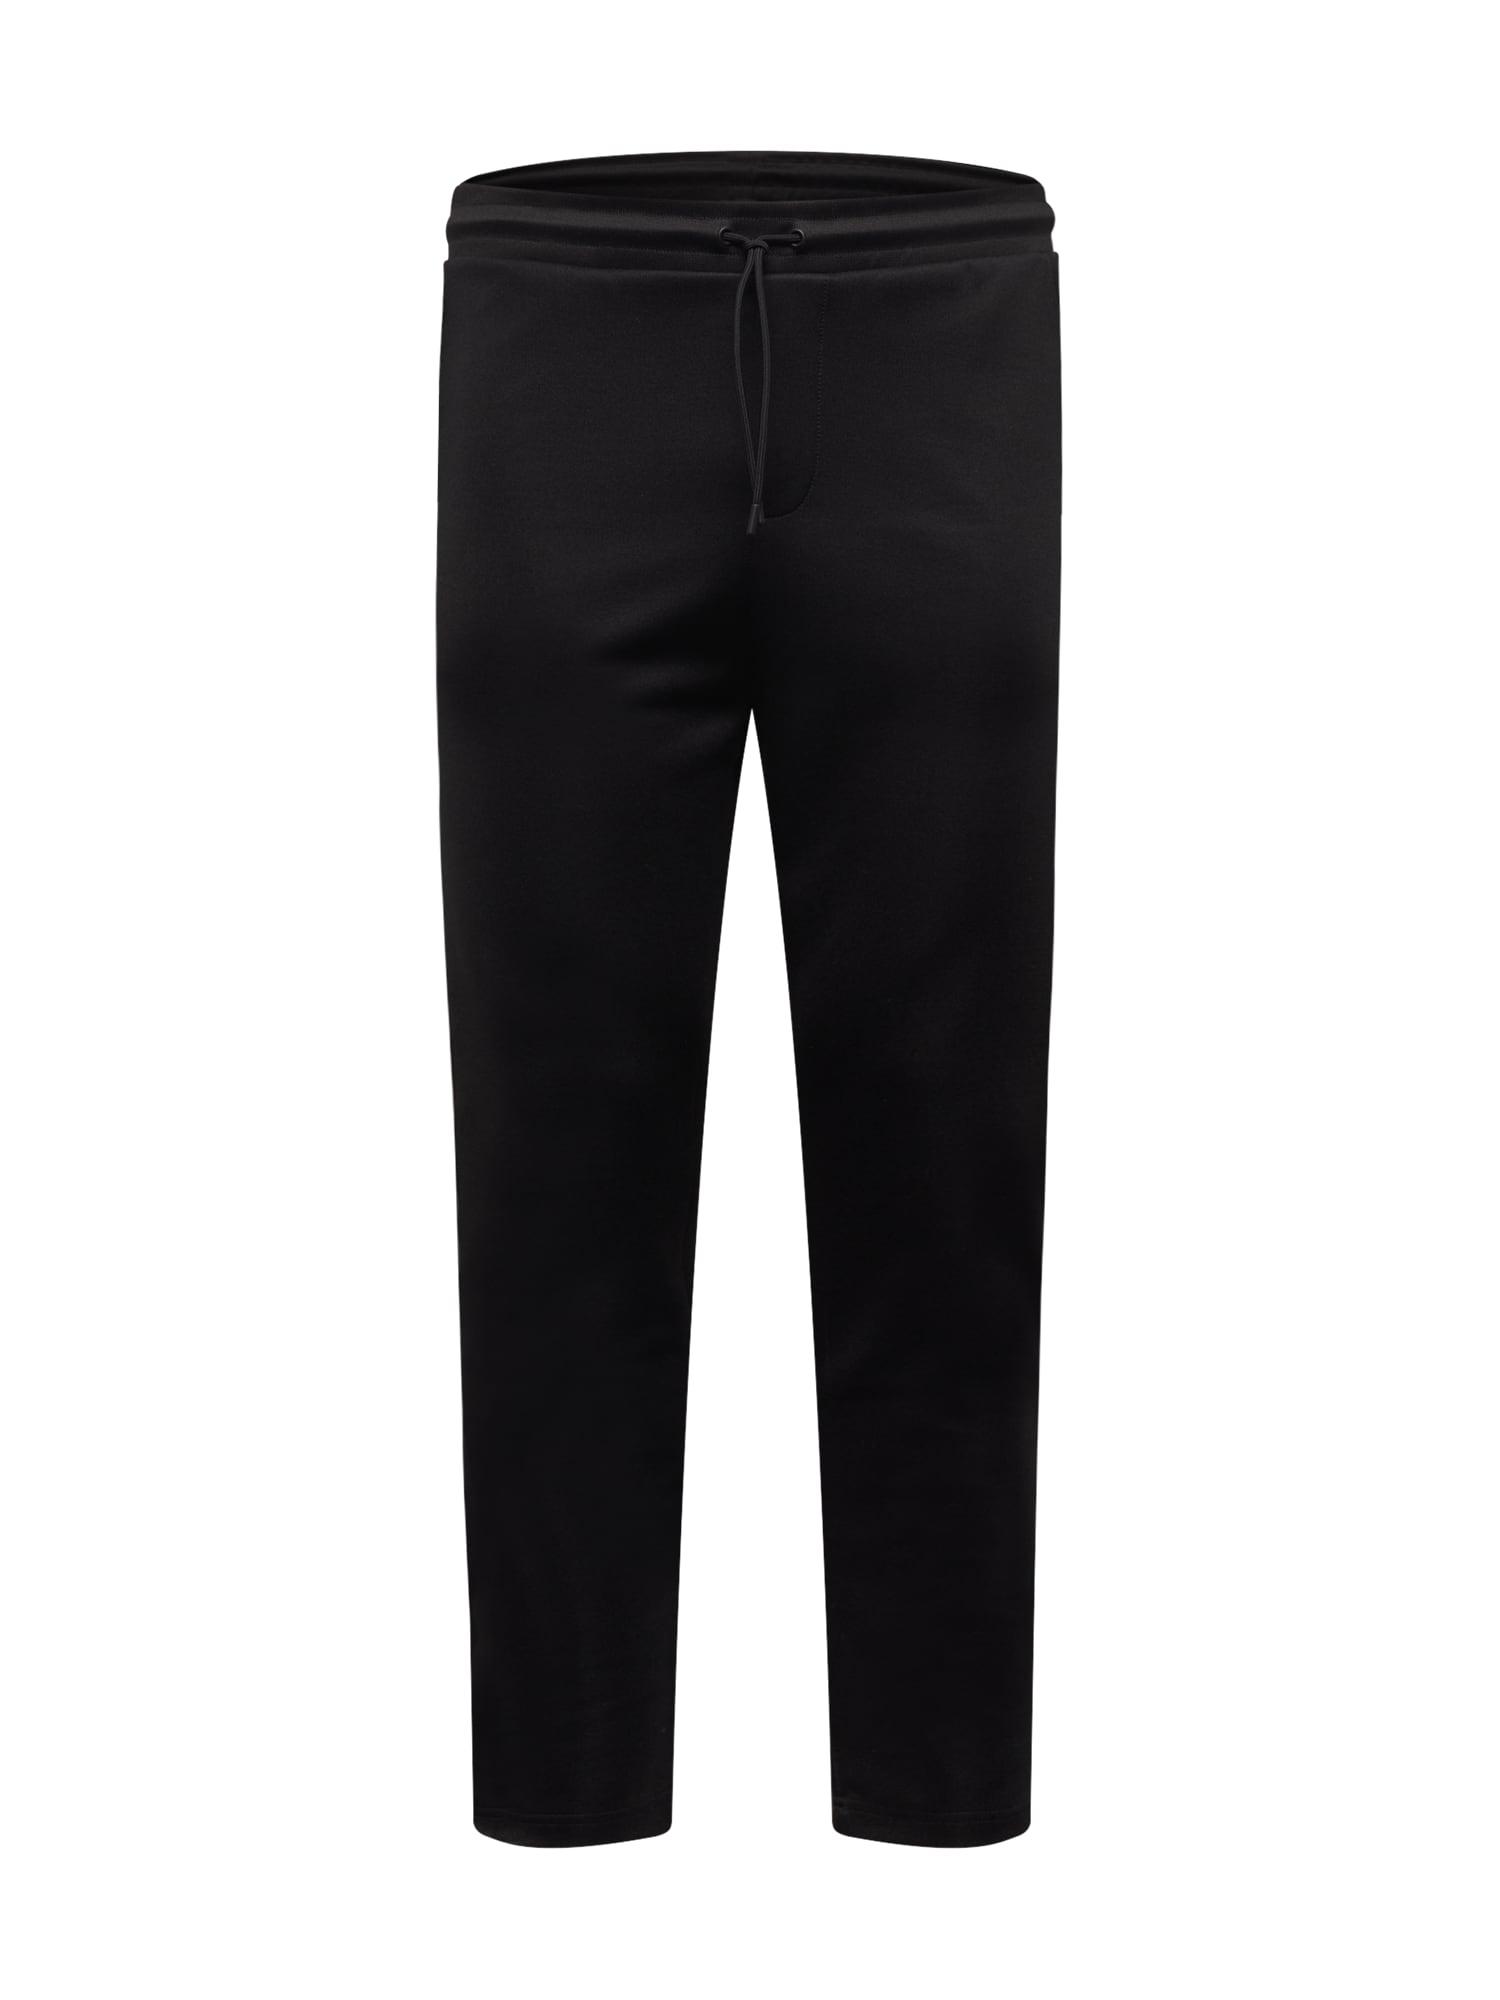 The Kooples Pantalon  - Noir - Taille: L - male